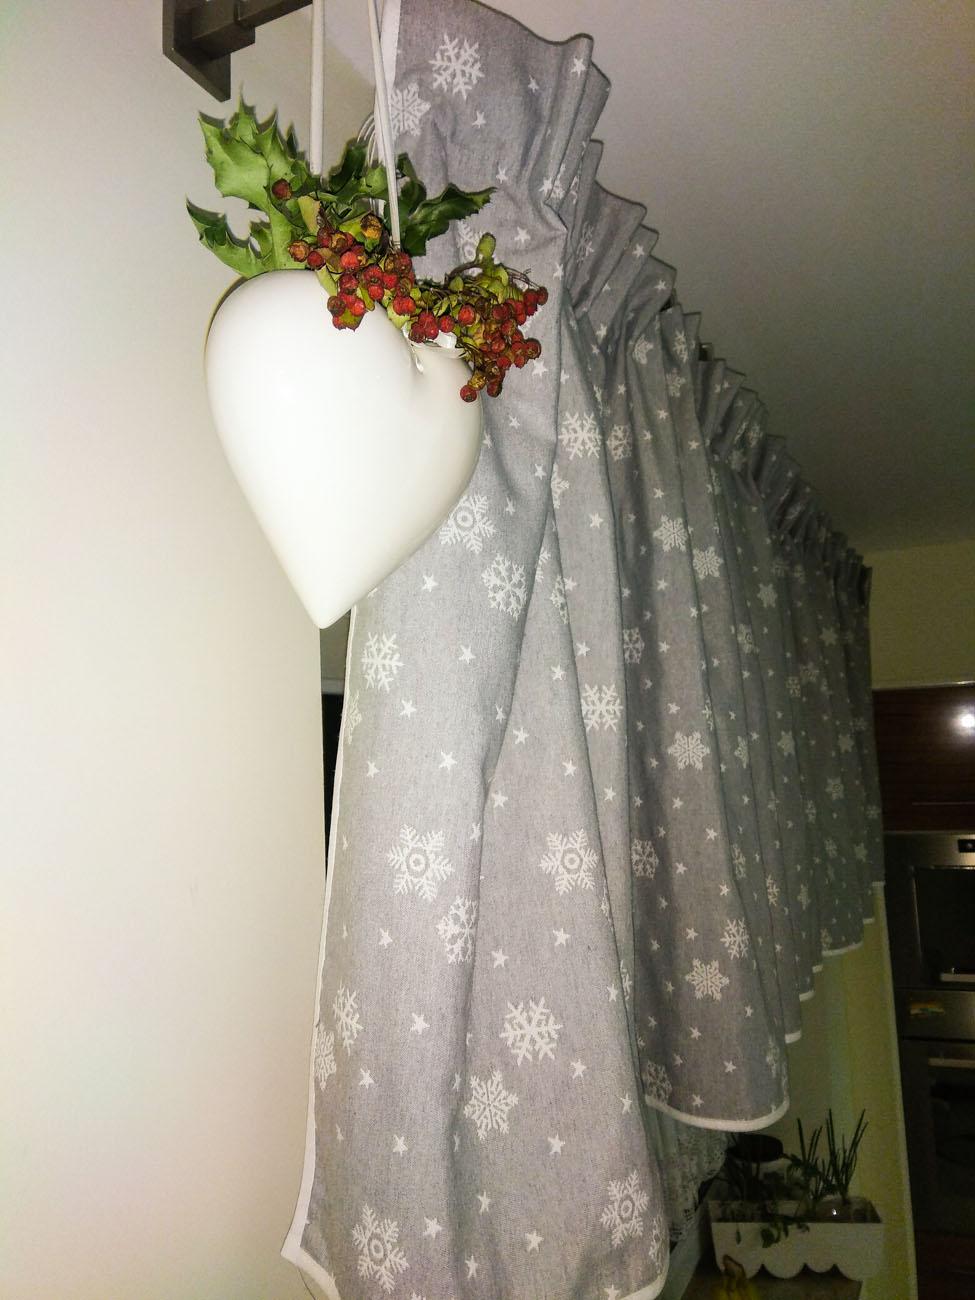 Szycie poduch i bieżników - Projekt Motilove - Dekoracje świąteczne